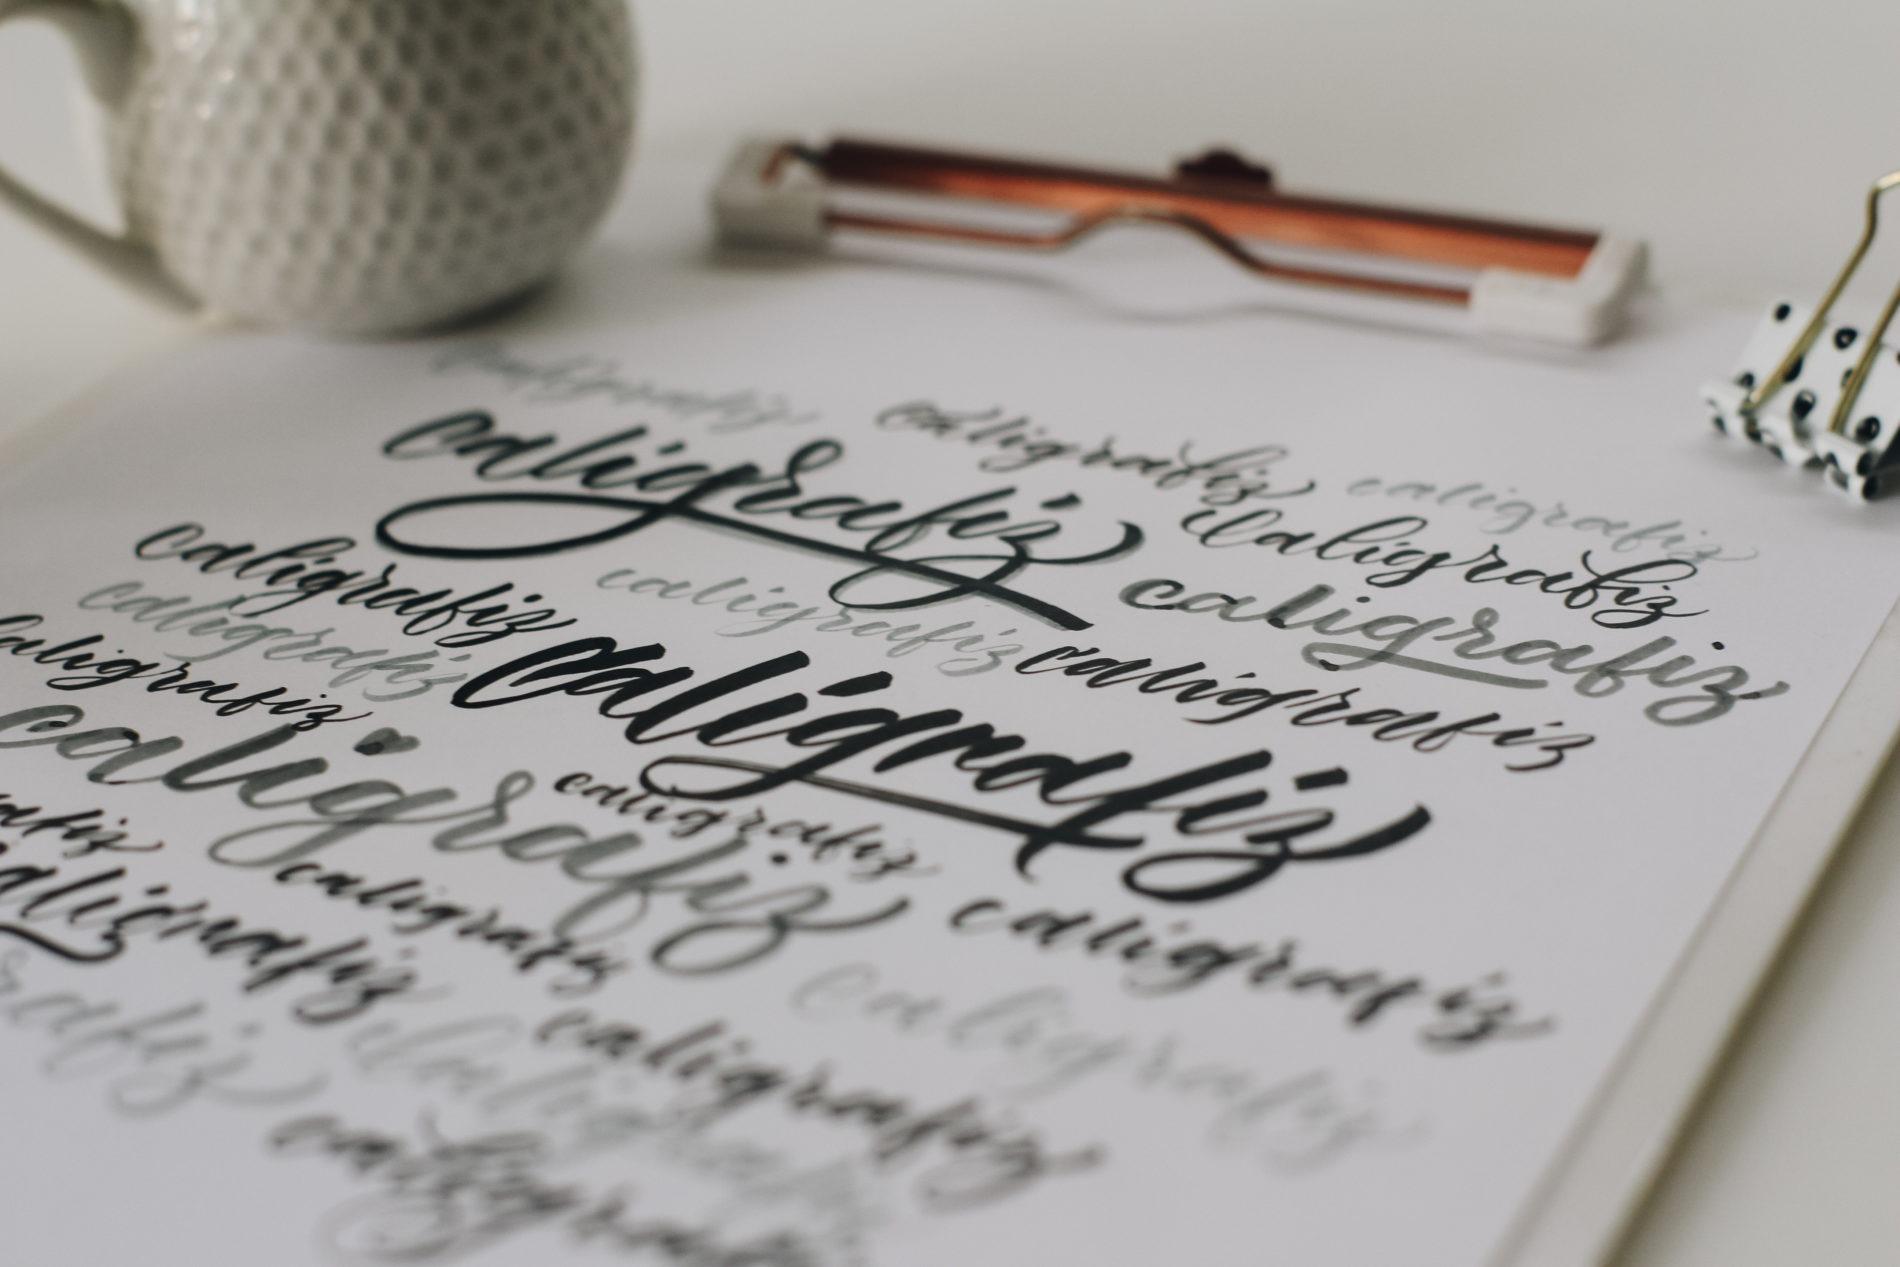 caligrafia moderna com brush pen